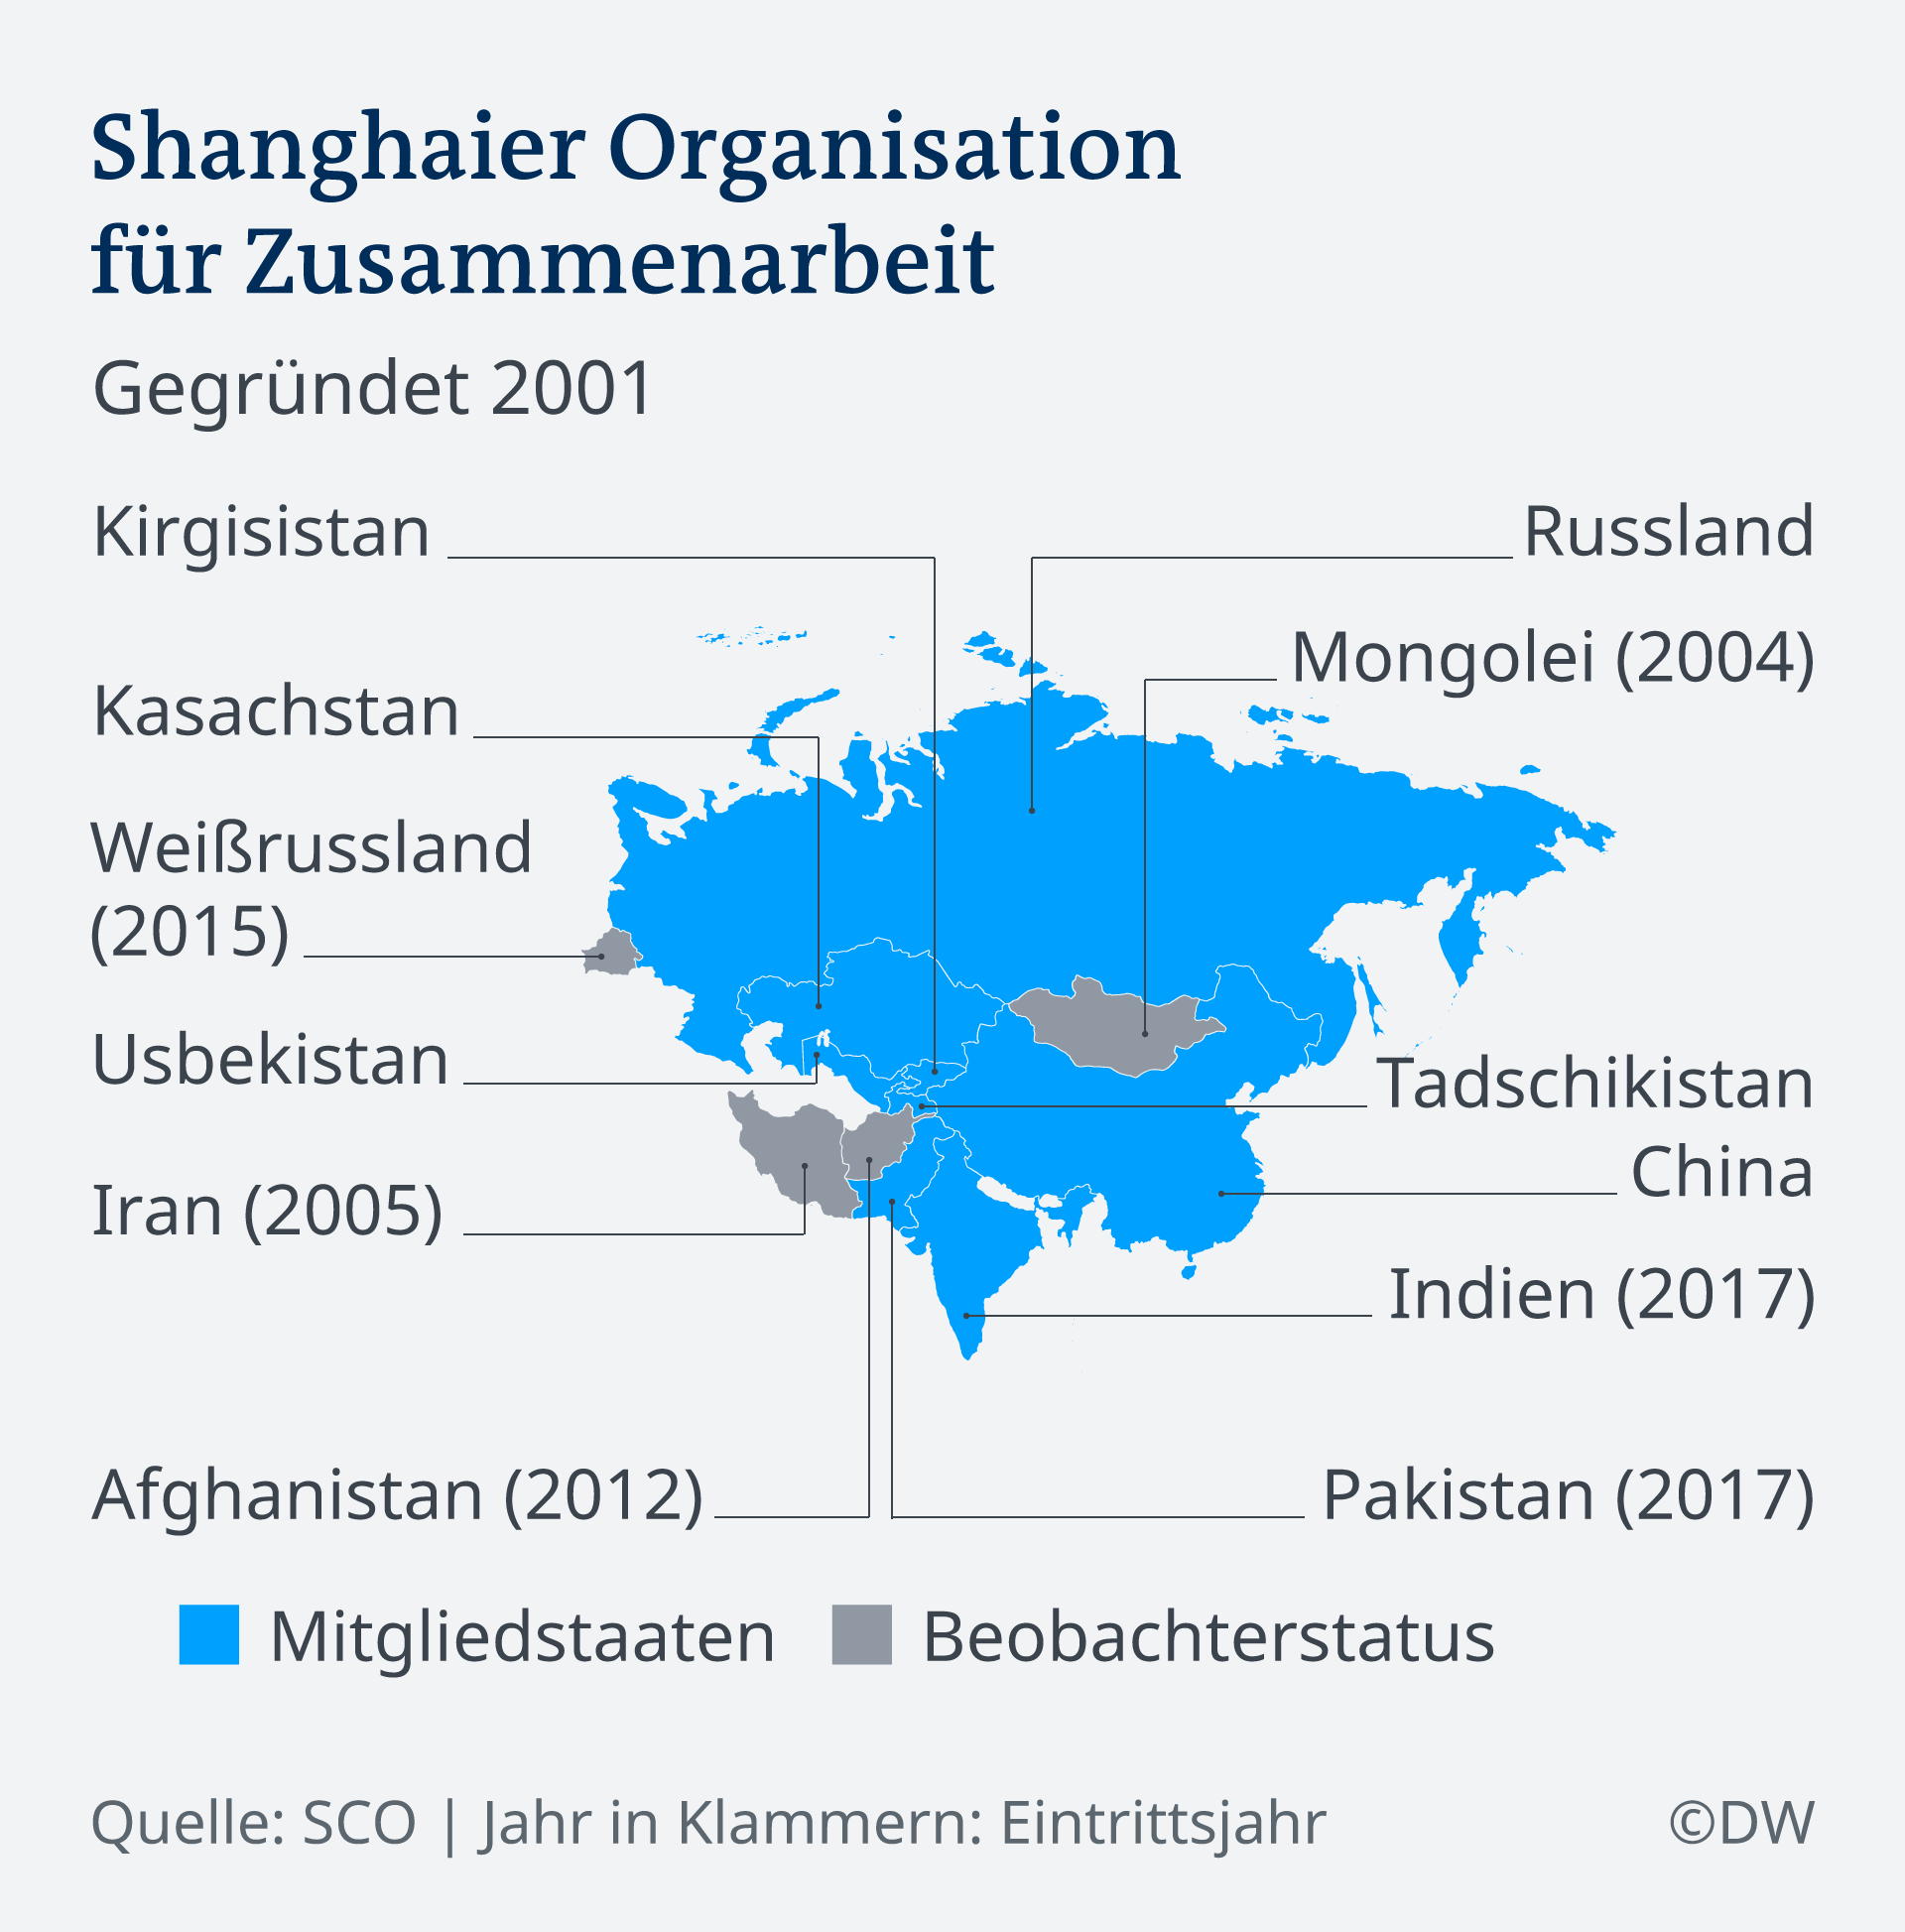 Infografik Shanghaier Organisation für Zusammenarbeit DE